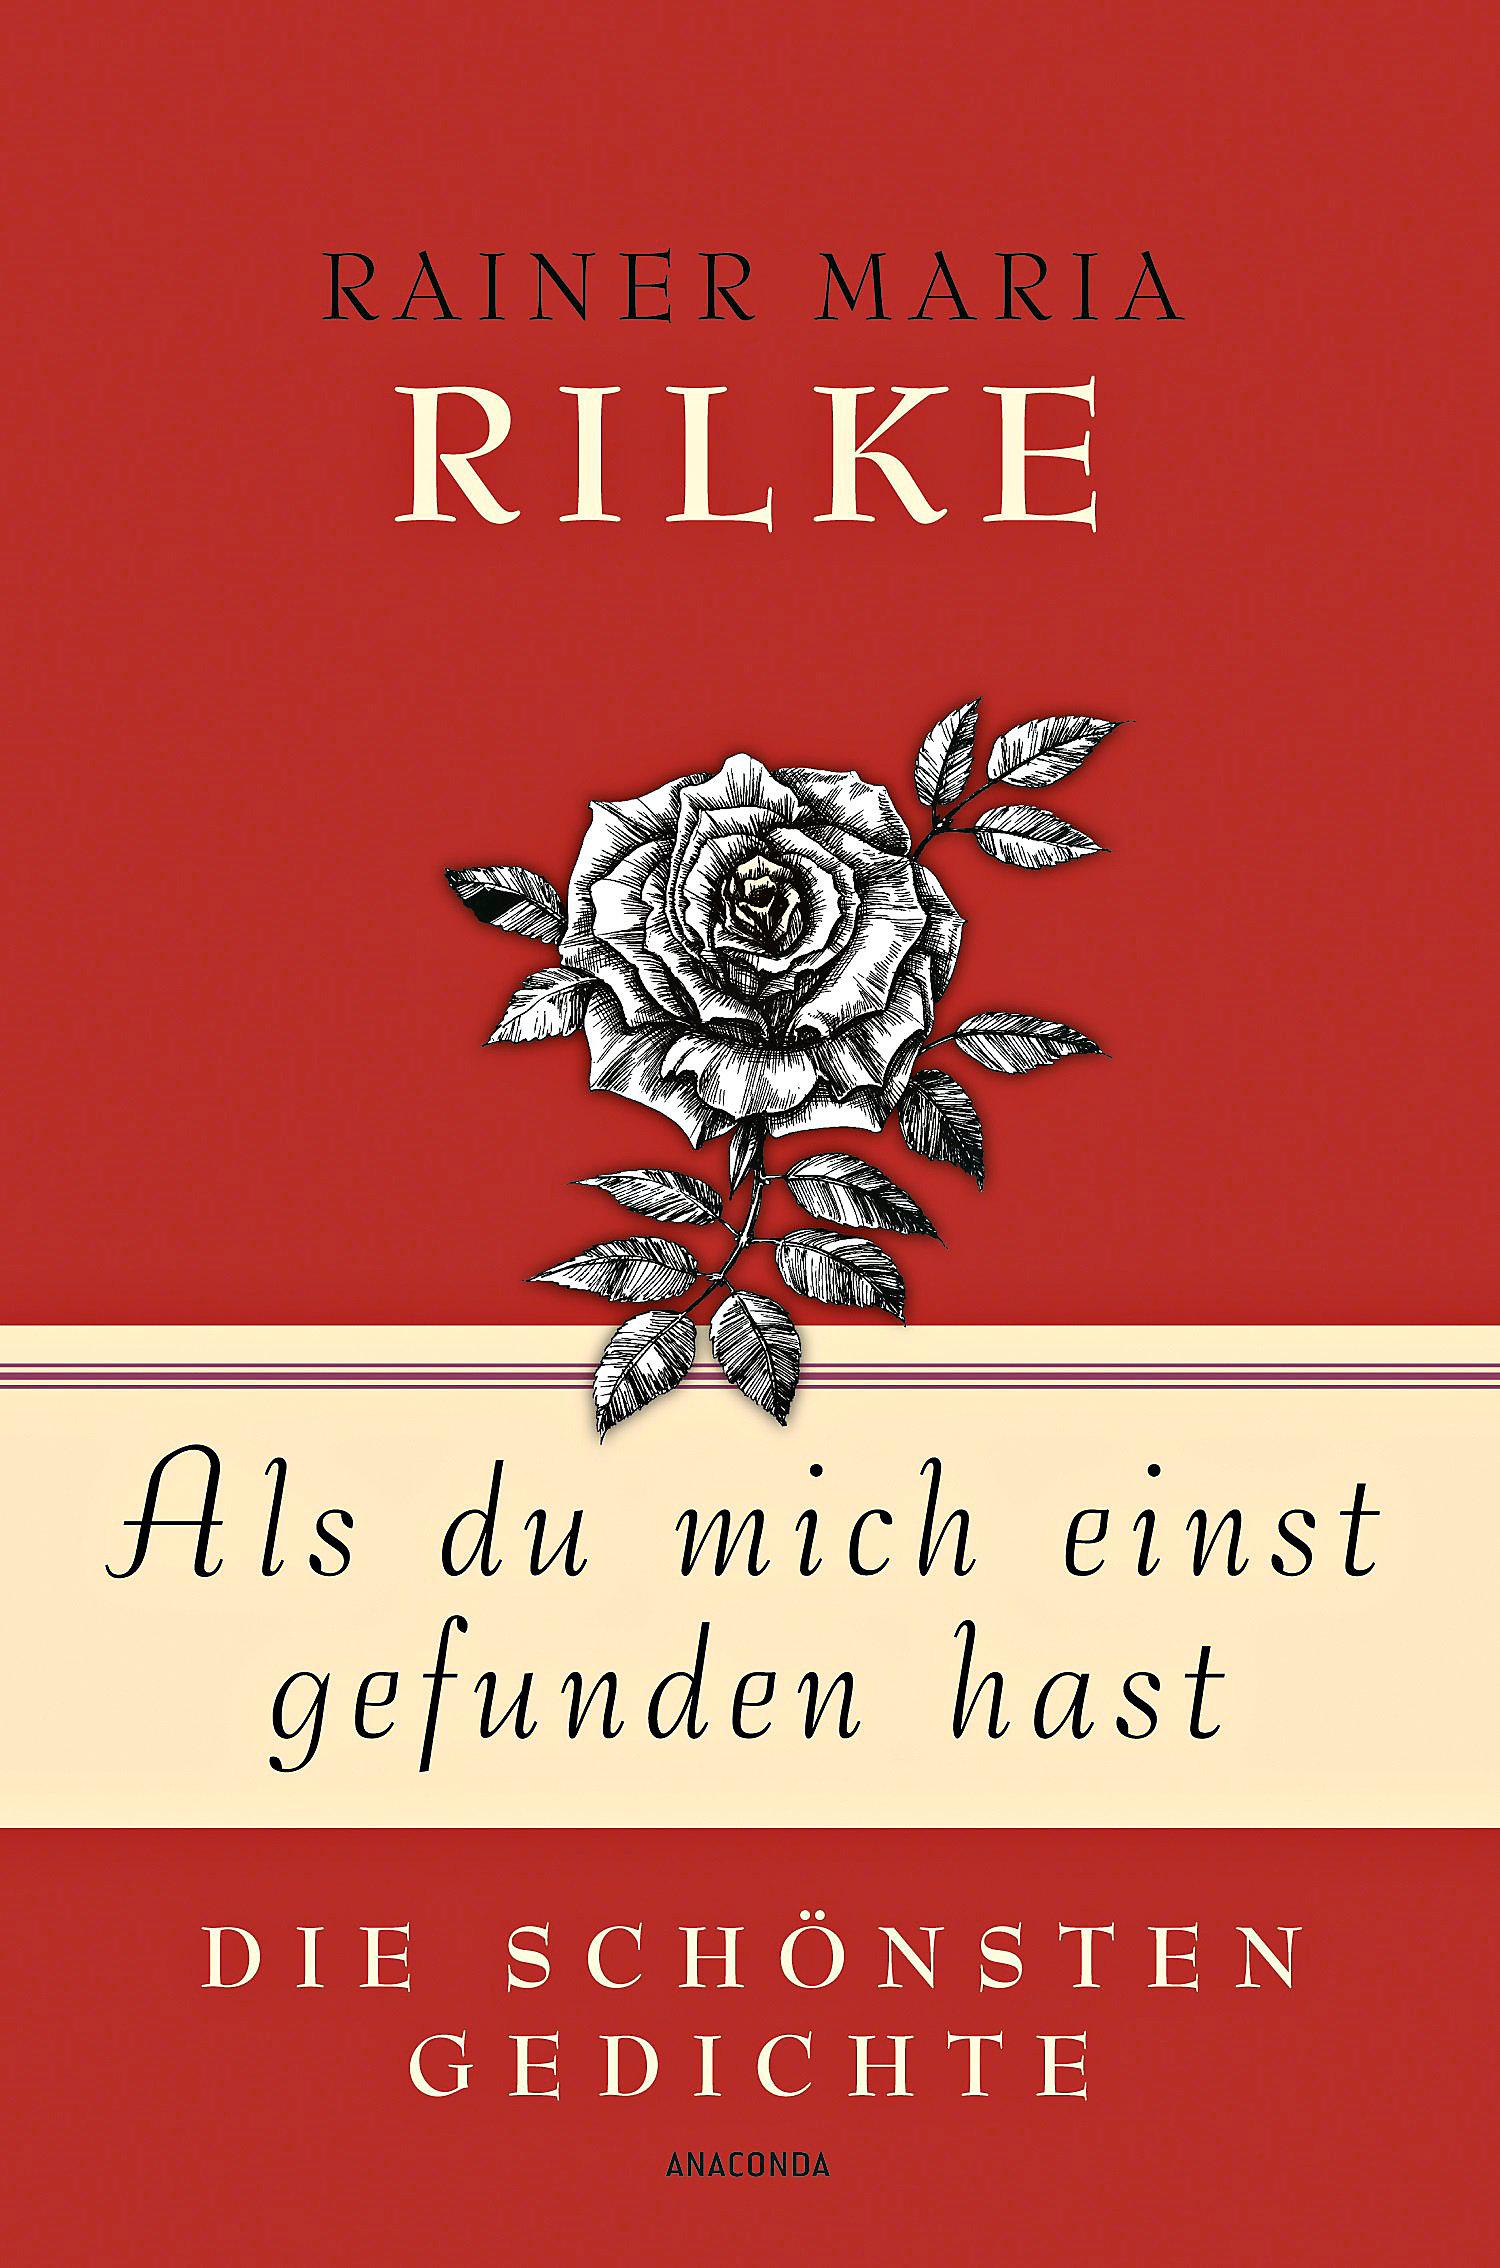 Rainer Maria Rilke Weihnachtsgedichte.Die Schönsten Weihnachtsgedichte Der Welt Besinnliche